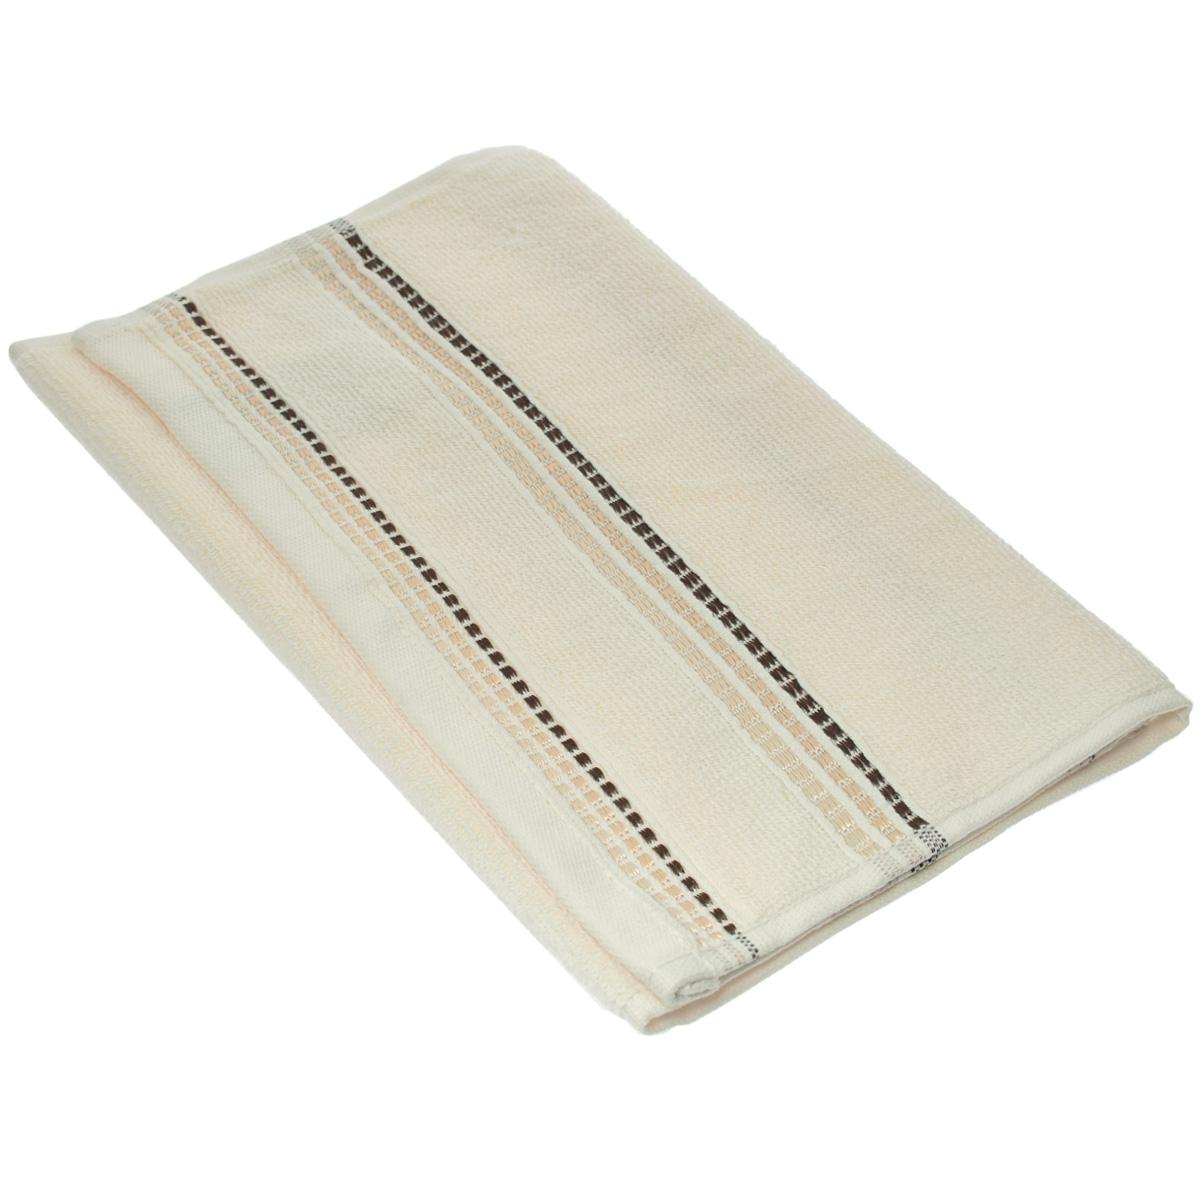 Полотенце махровое Coronet Пиано, цвет: молочный, 30 см х 50 смБ-МП-2020-08-07Махровое полотенце Coronet Пиано, изготовленное из натурального хлопка, подарит массу положительныхэмоций и приятных ощущений. Полотенце отличается нежностью и мягкостью материала, утонченнымдизайном и превосходным качеством. Оно прекрасно впитывает влагу, быстро сохнет и не теряет своихсвойств после многократных стирок. Махровое полотенце Coronet Пиано станет достойным выбором для вас и приятным подарком для вашихблизких. Мягкость и высокое качество материала, из которого изготовлены полотенца не оставит васравнодушными.